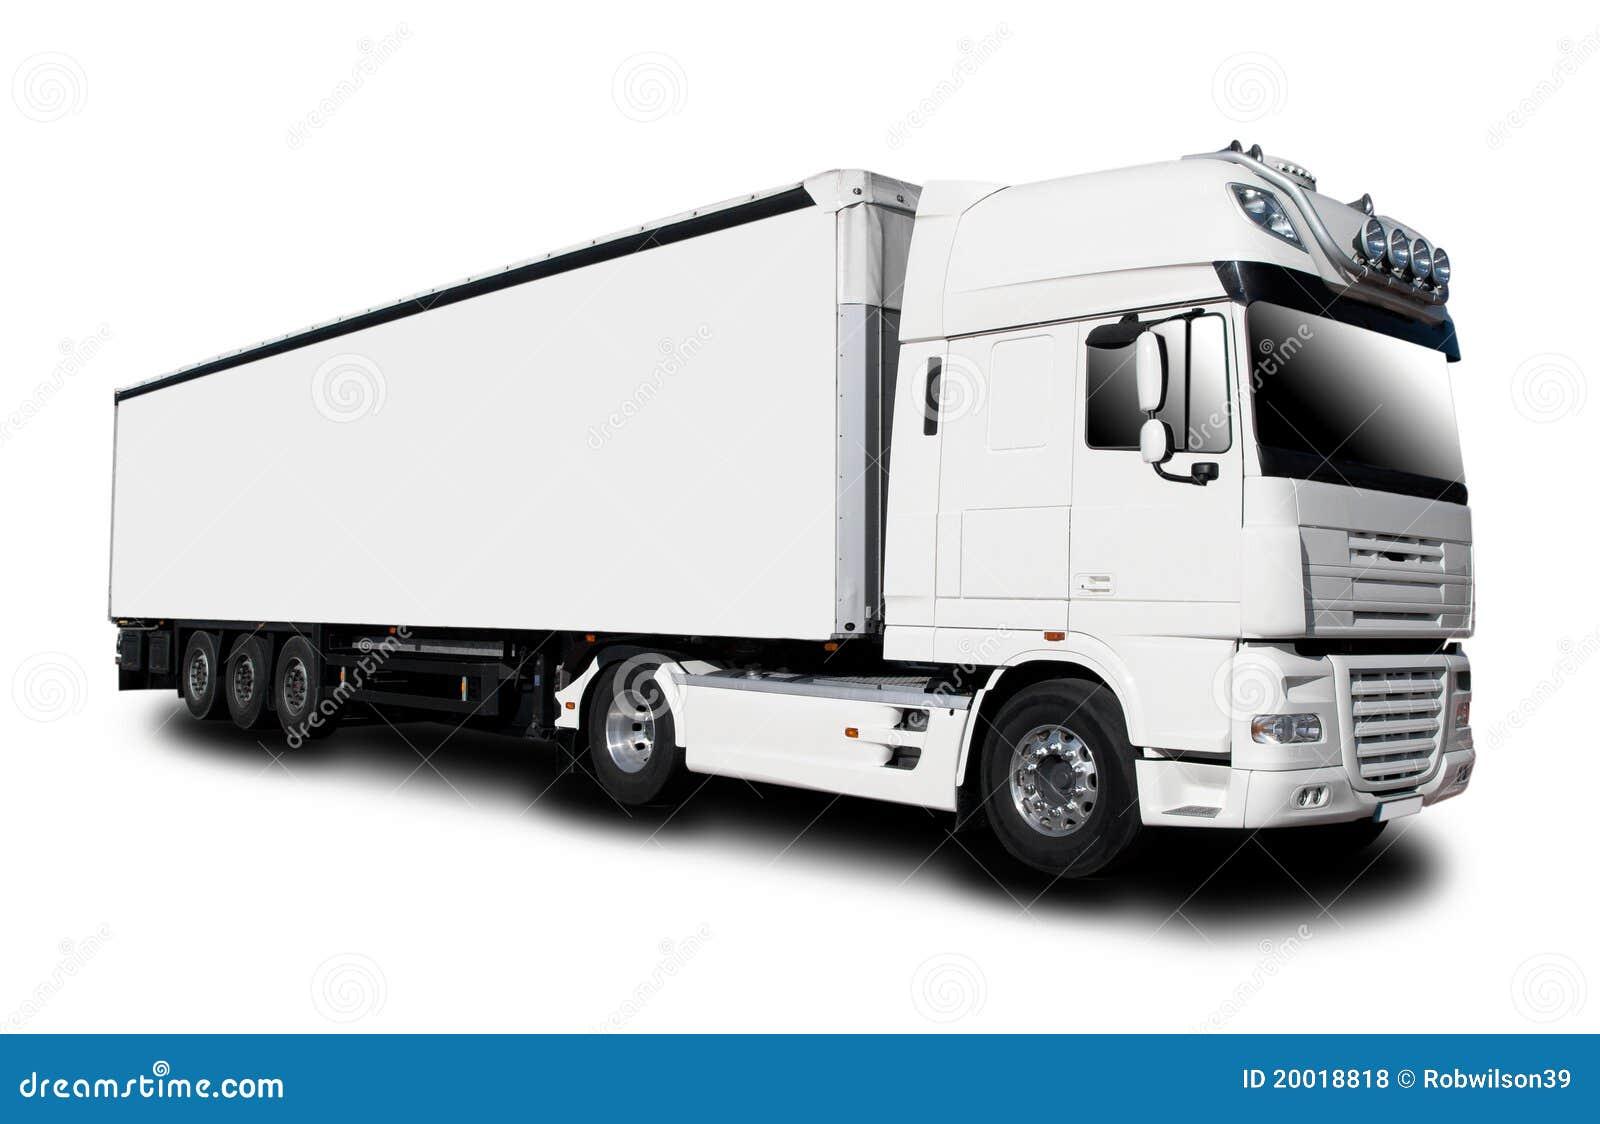 ημι truck